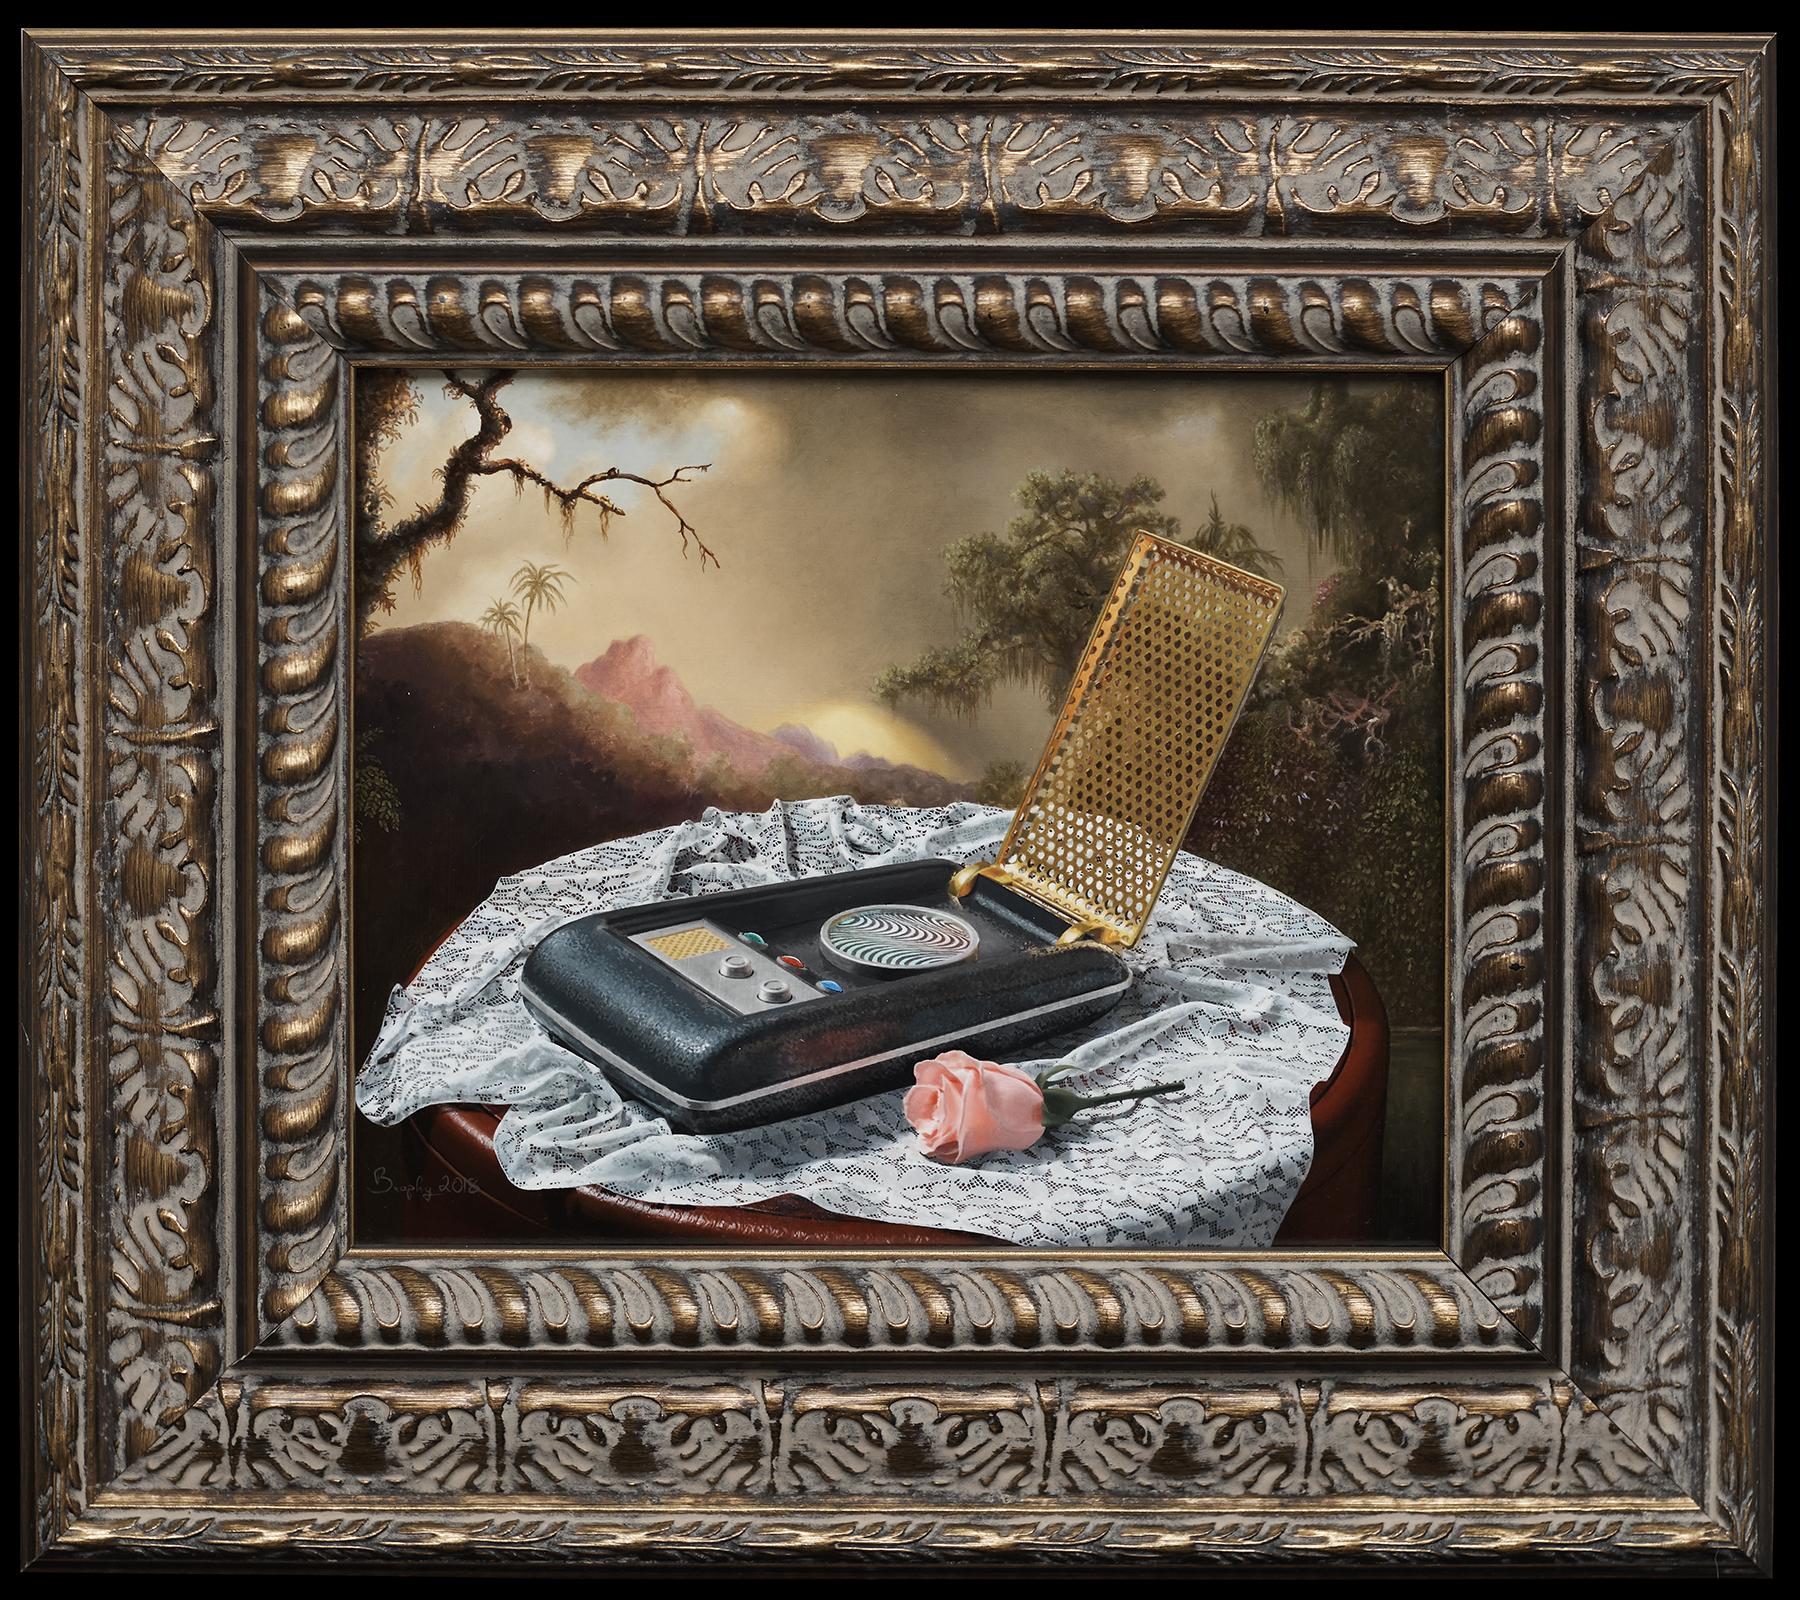 Landscape With Communicator framed